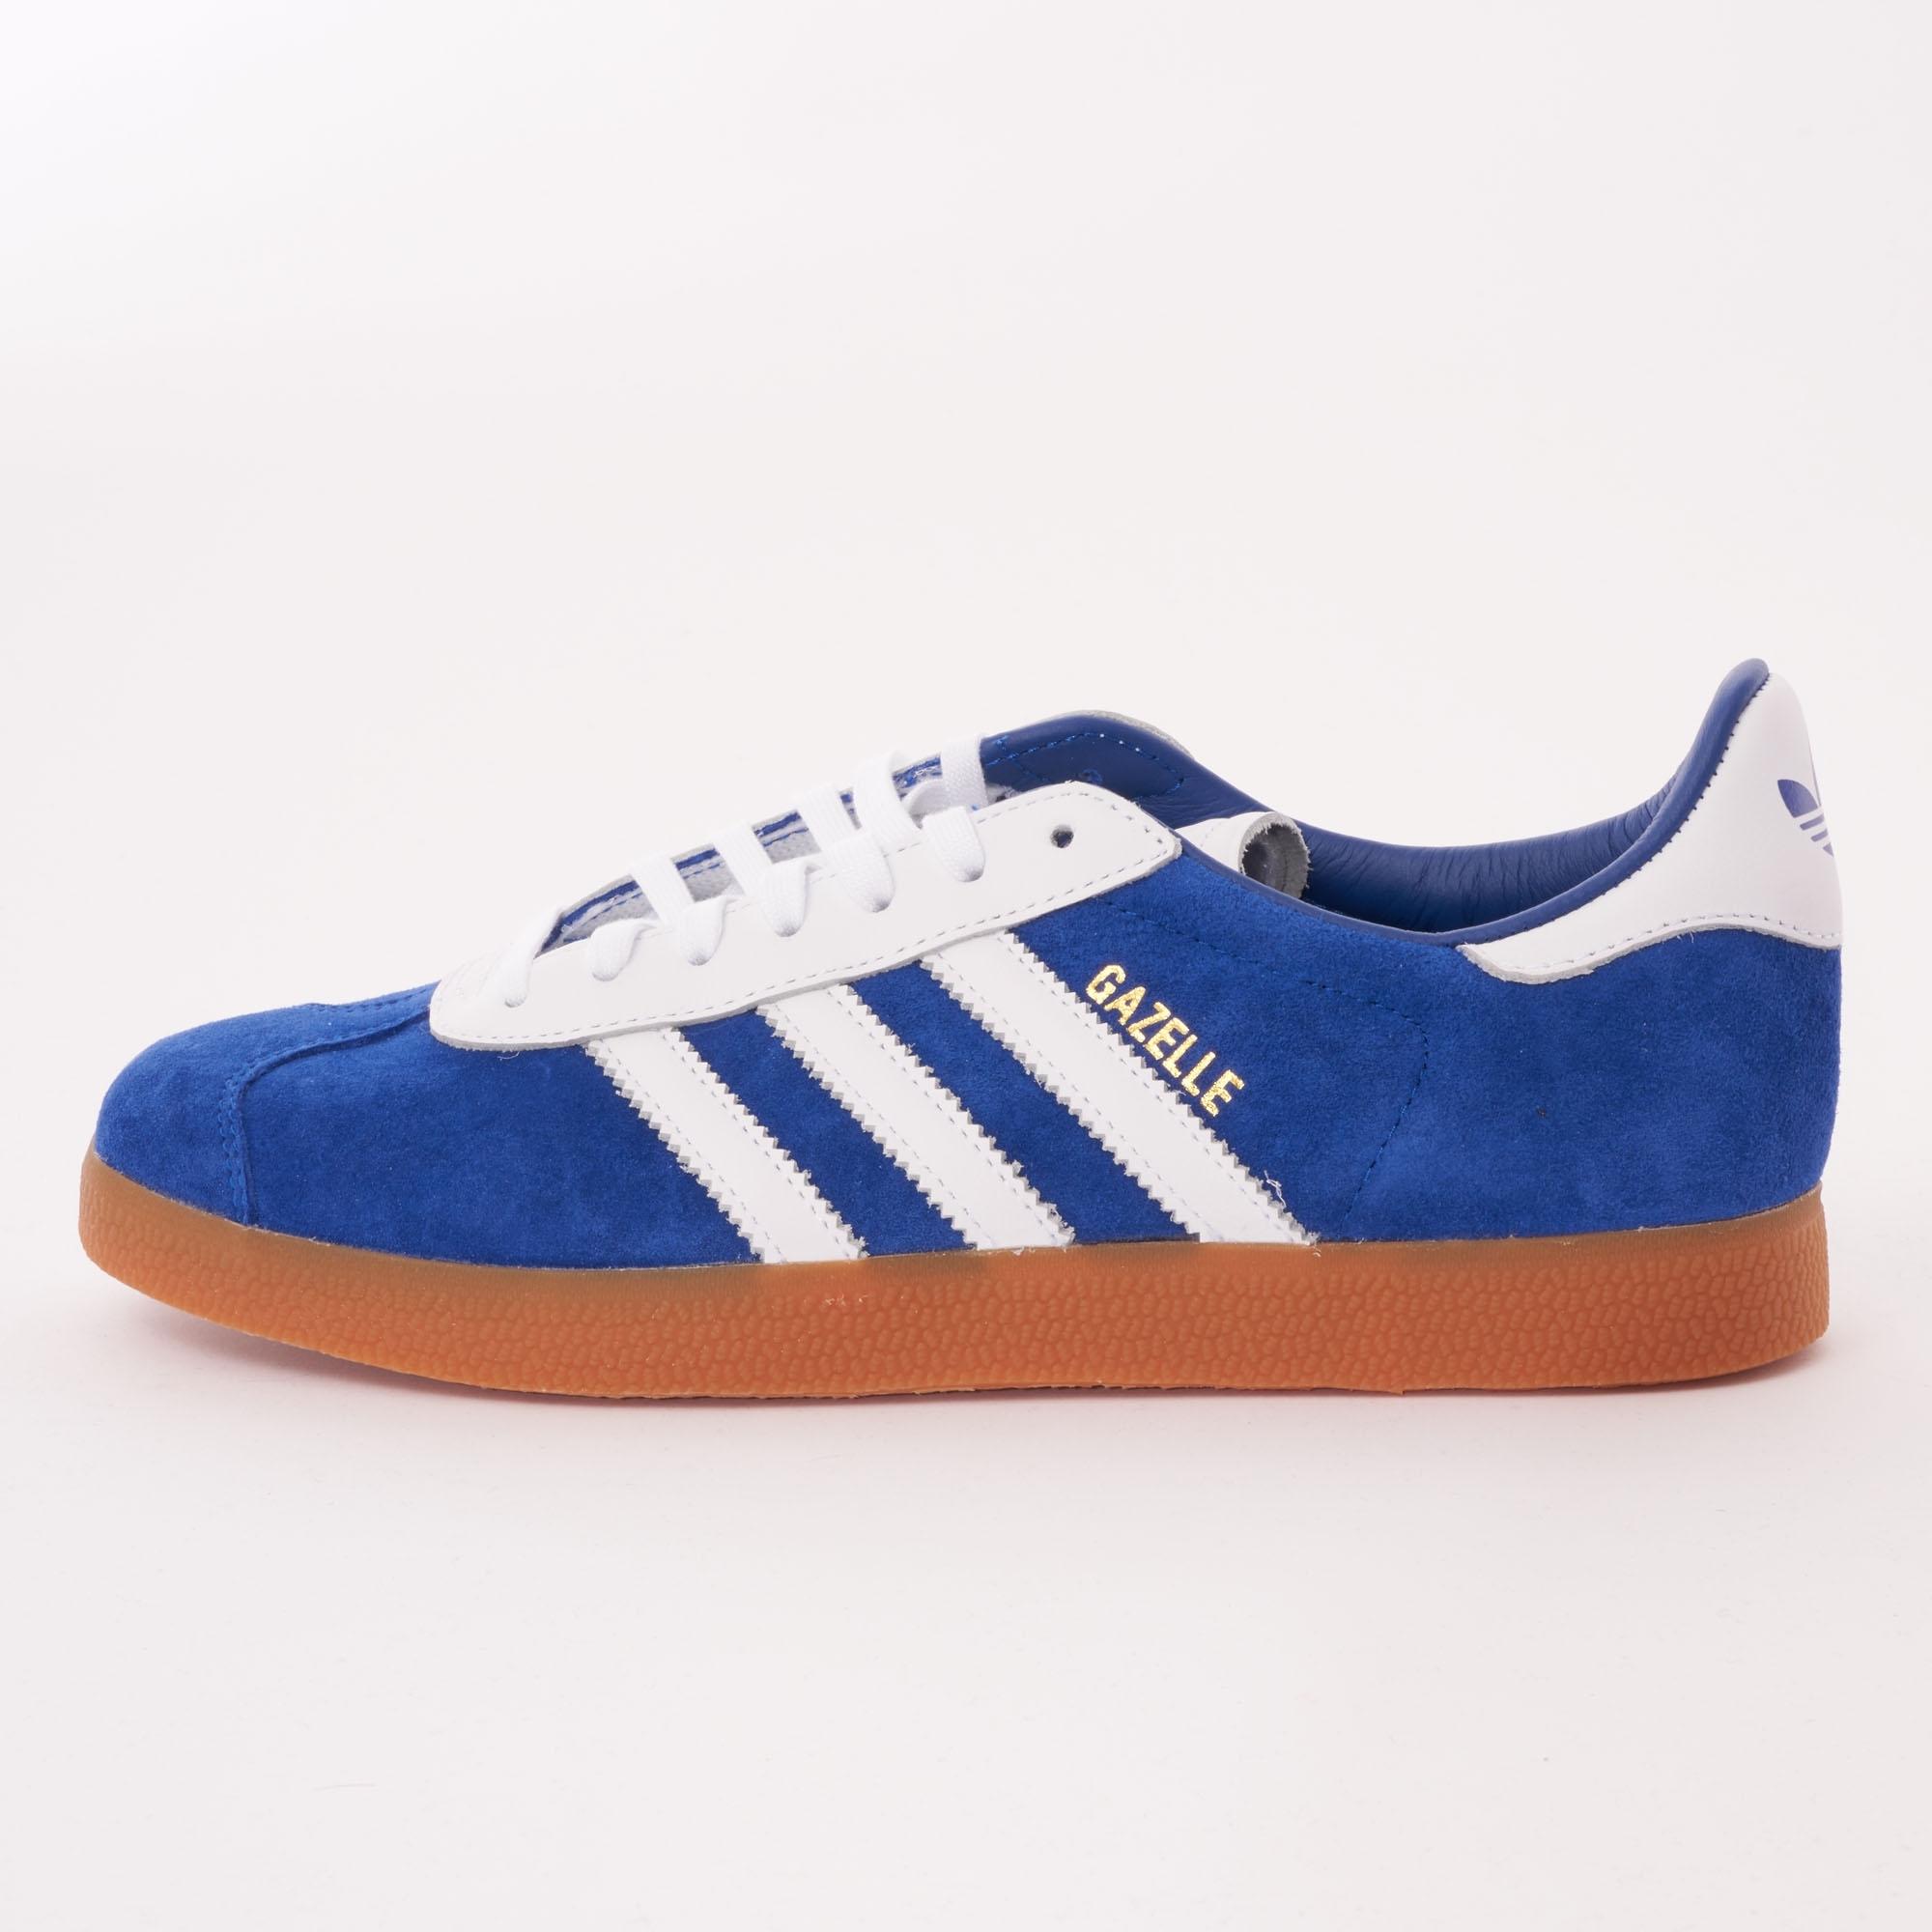 Adidas Gazelle (Royal Blue \u0026 FTW White